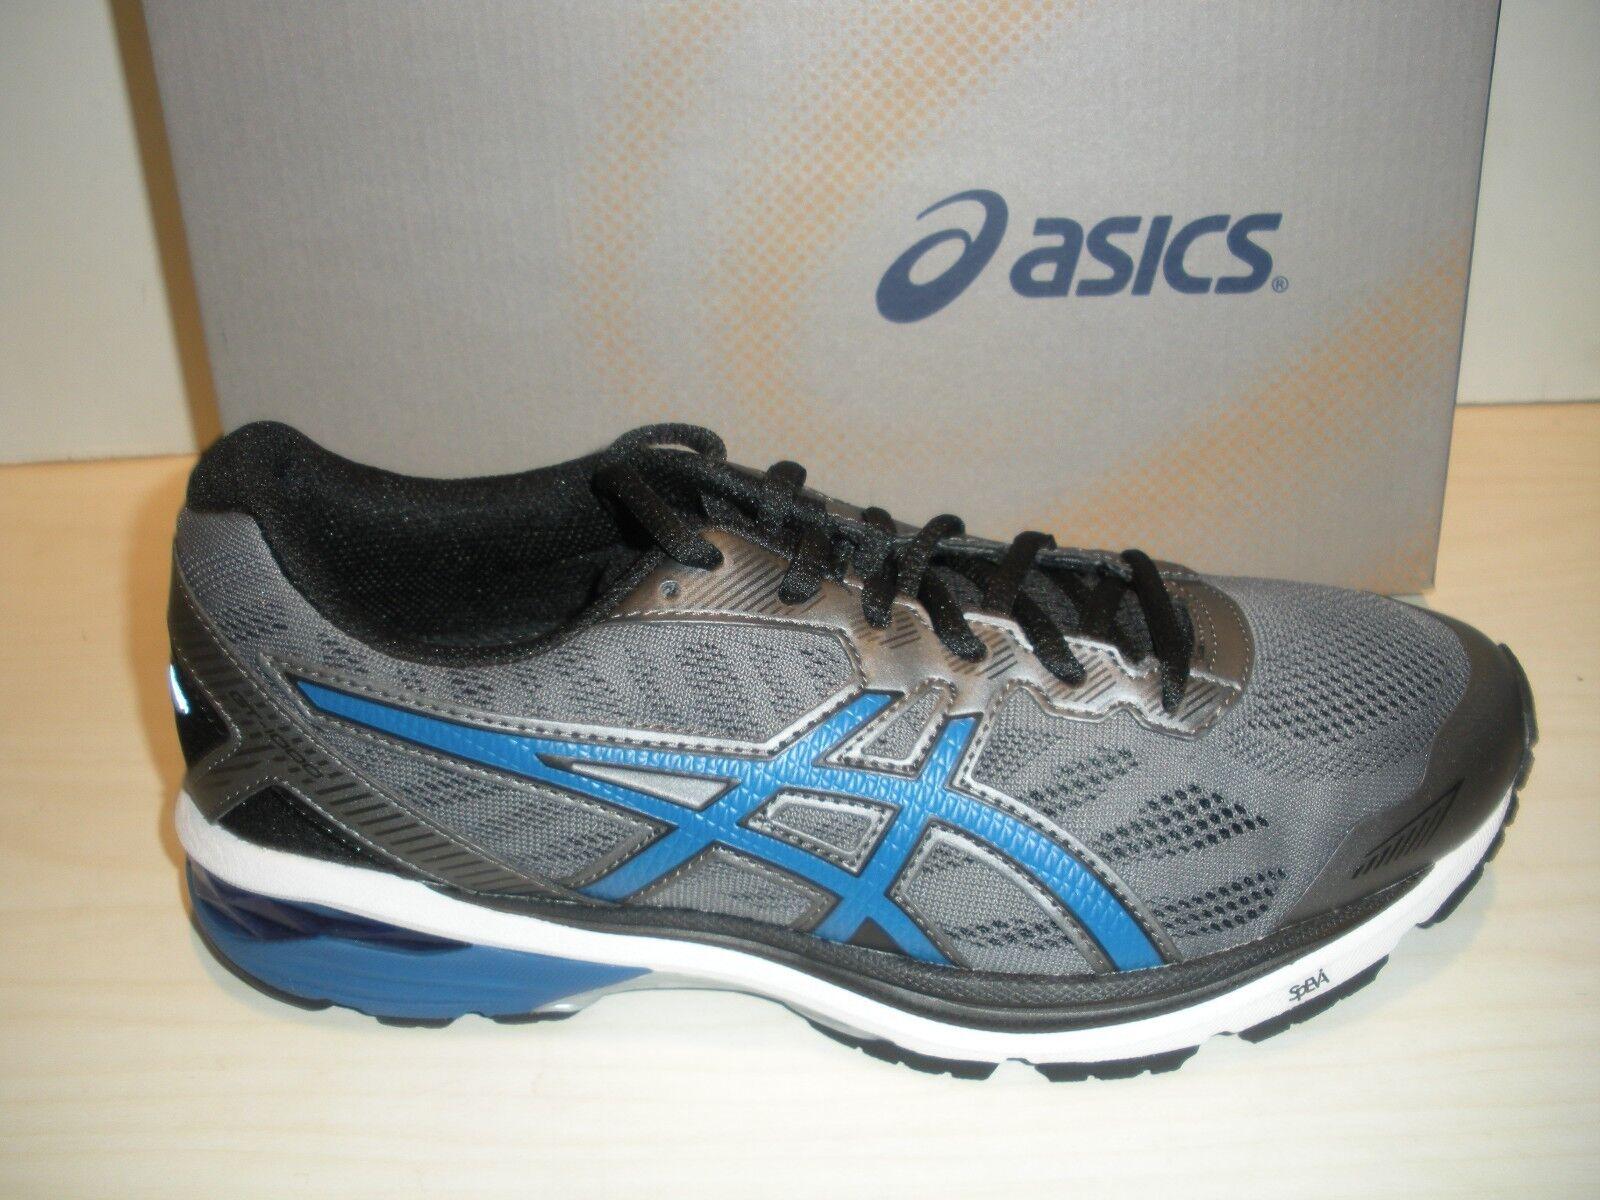 ASICS MENS GT-1000 5 RUNNING-Turnschuhe- schuhe -T6A3N-9745- CARBON  IMPERIAL- SZ 8